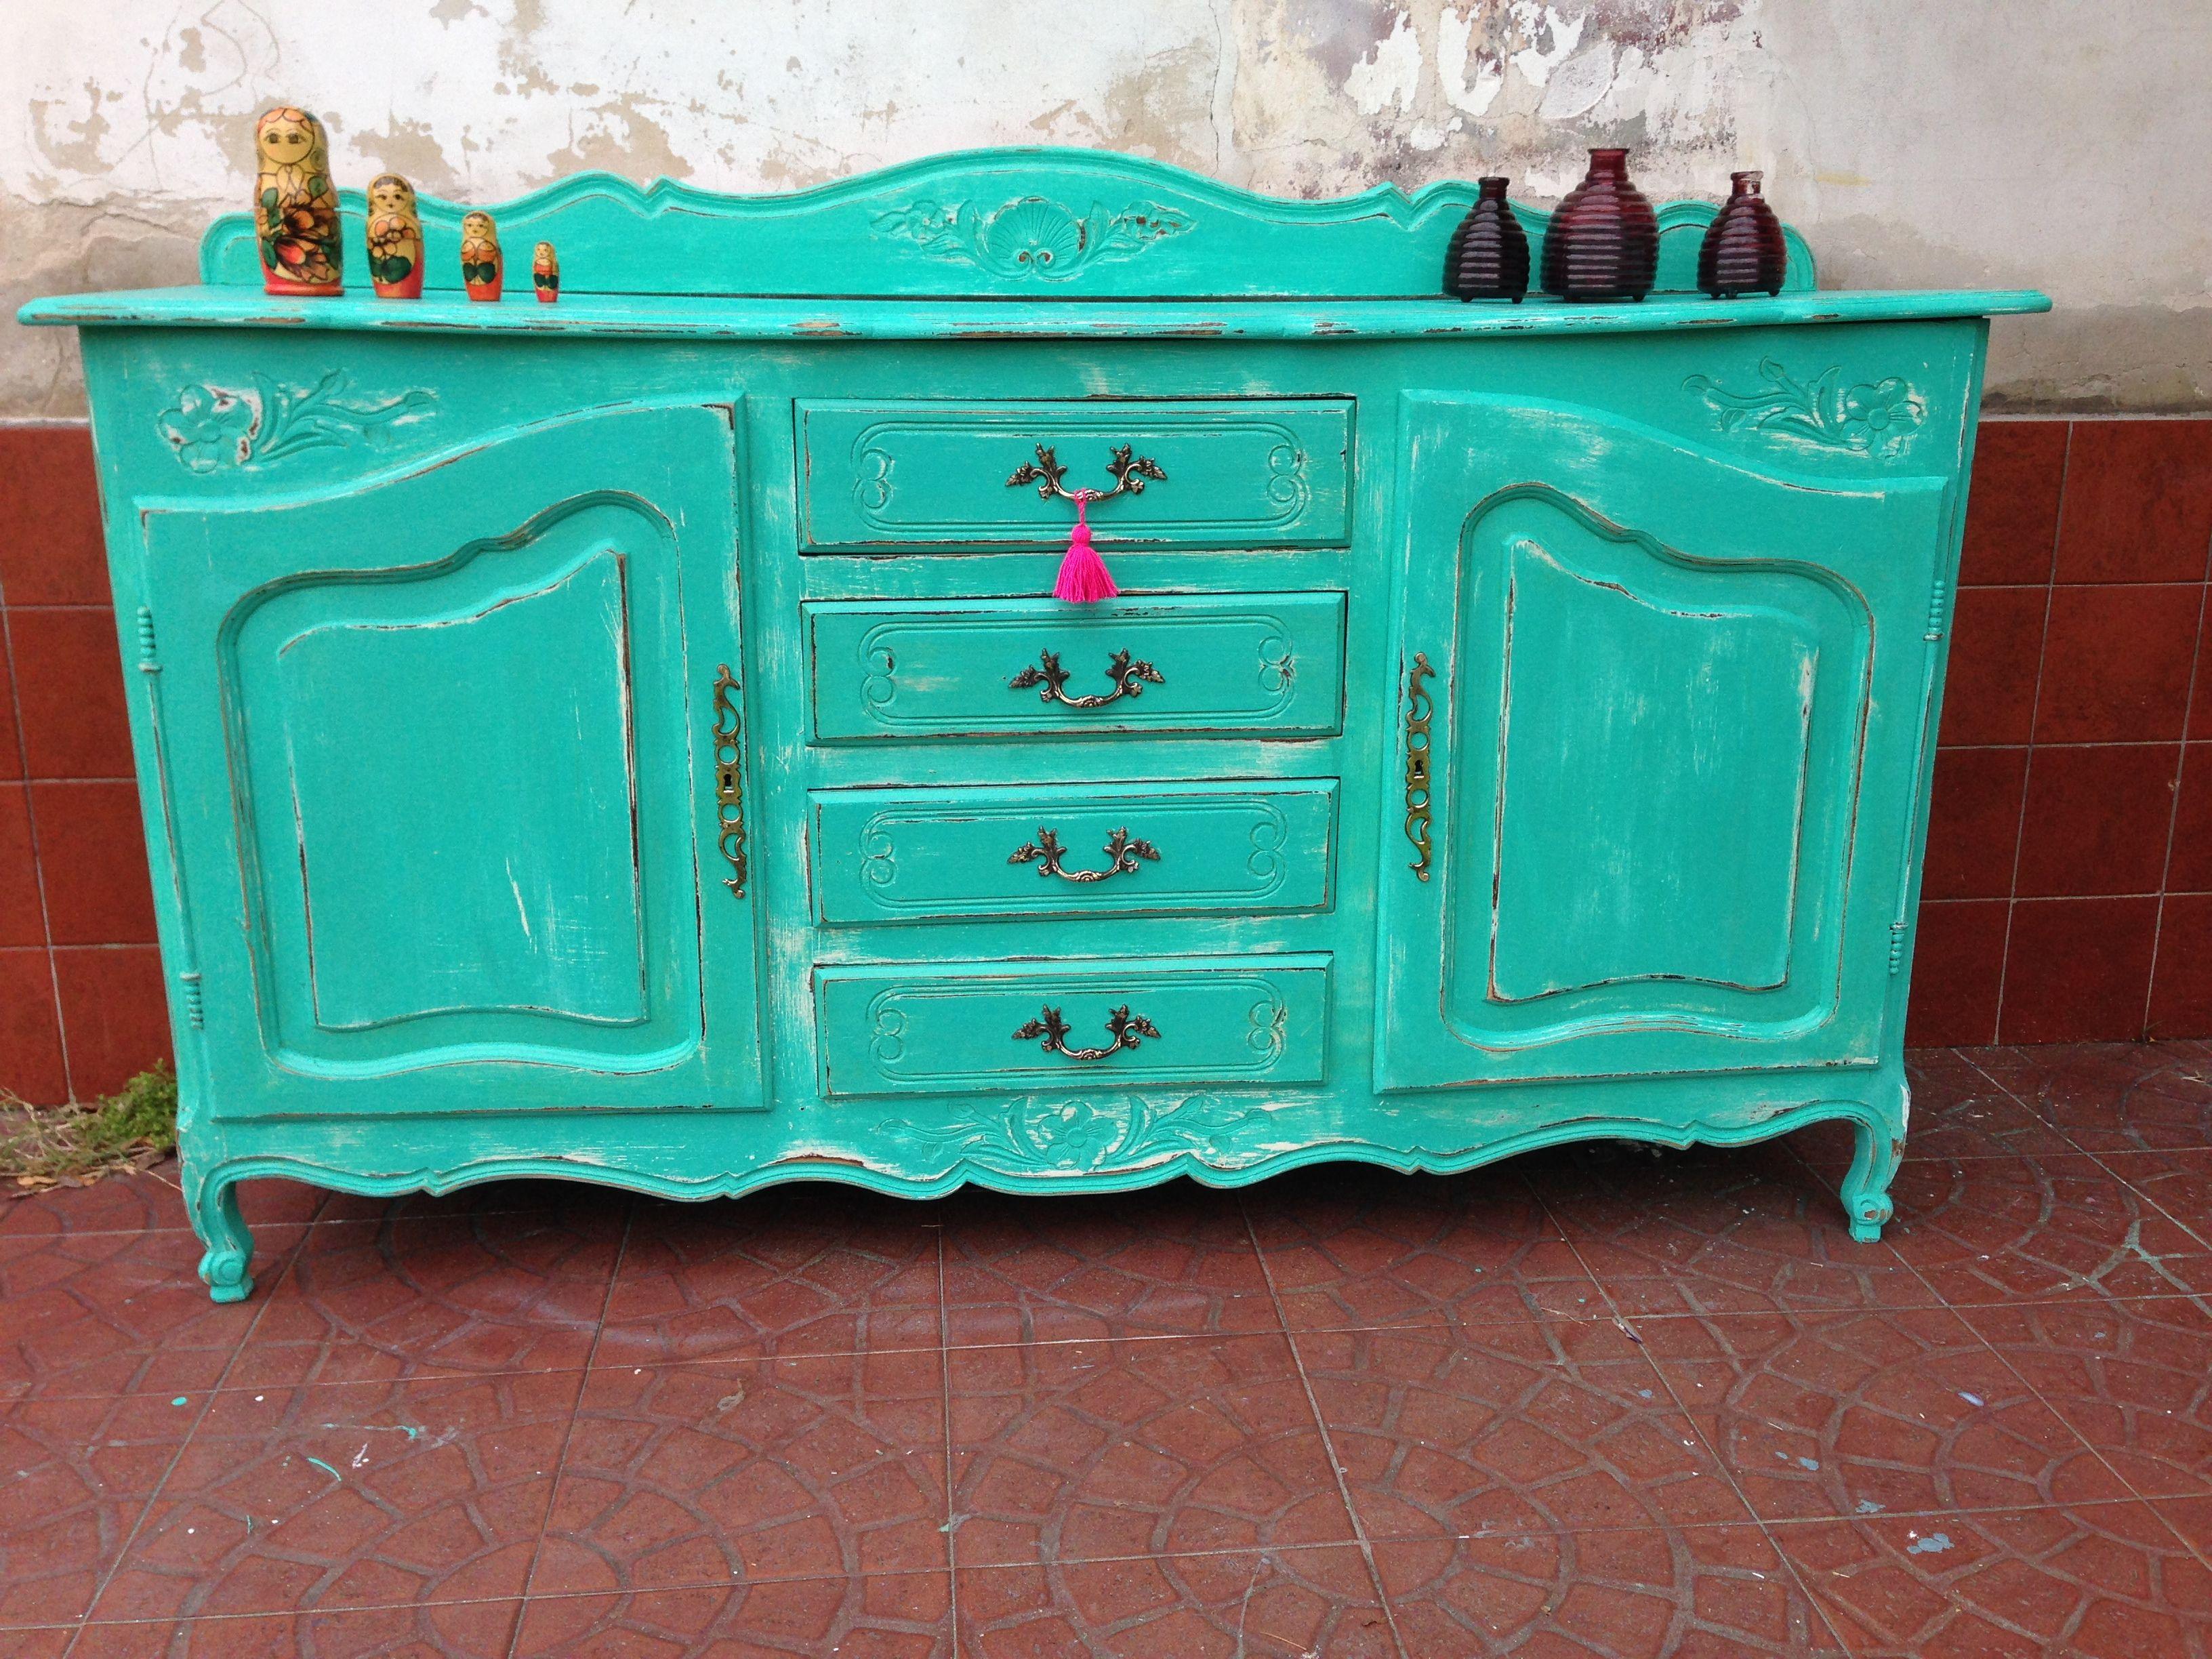 Mueble provenzal turquesa decapado muebles vintouch de for Mueble provenzal frances